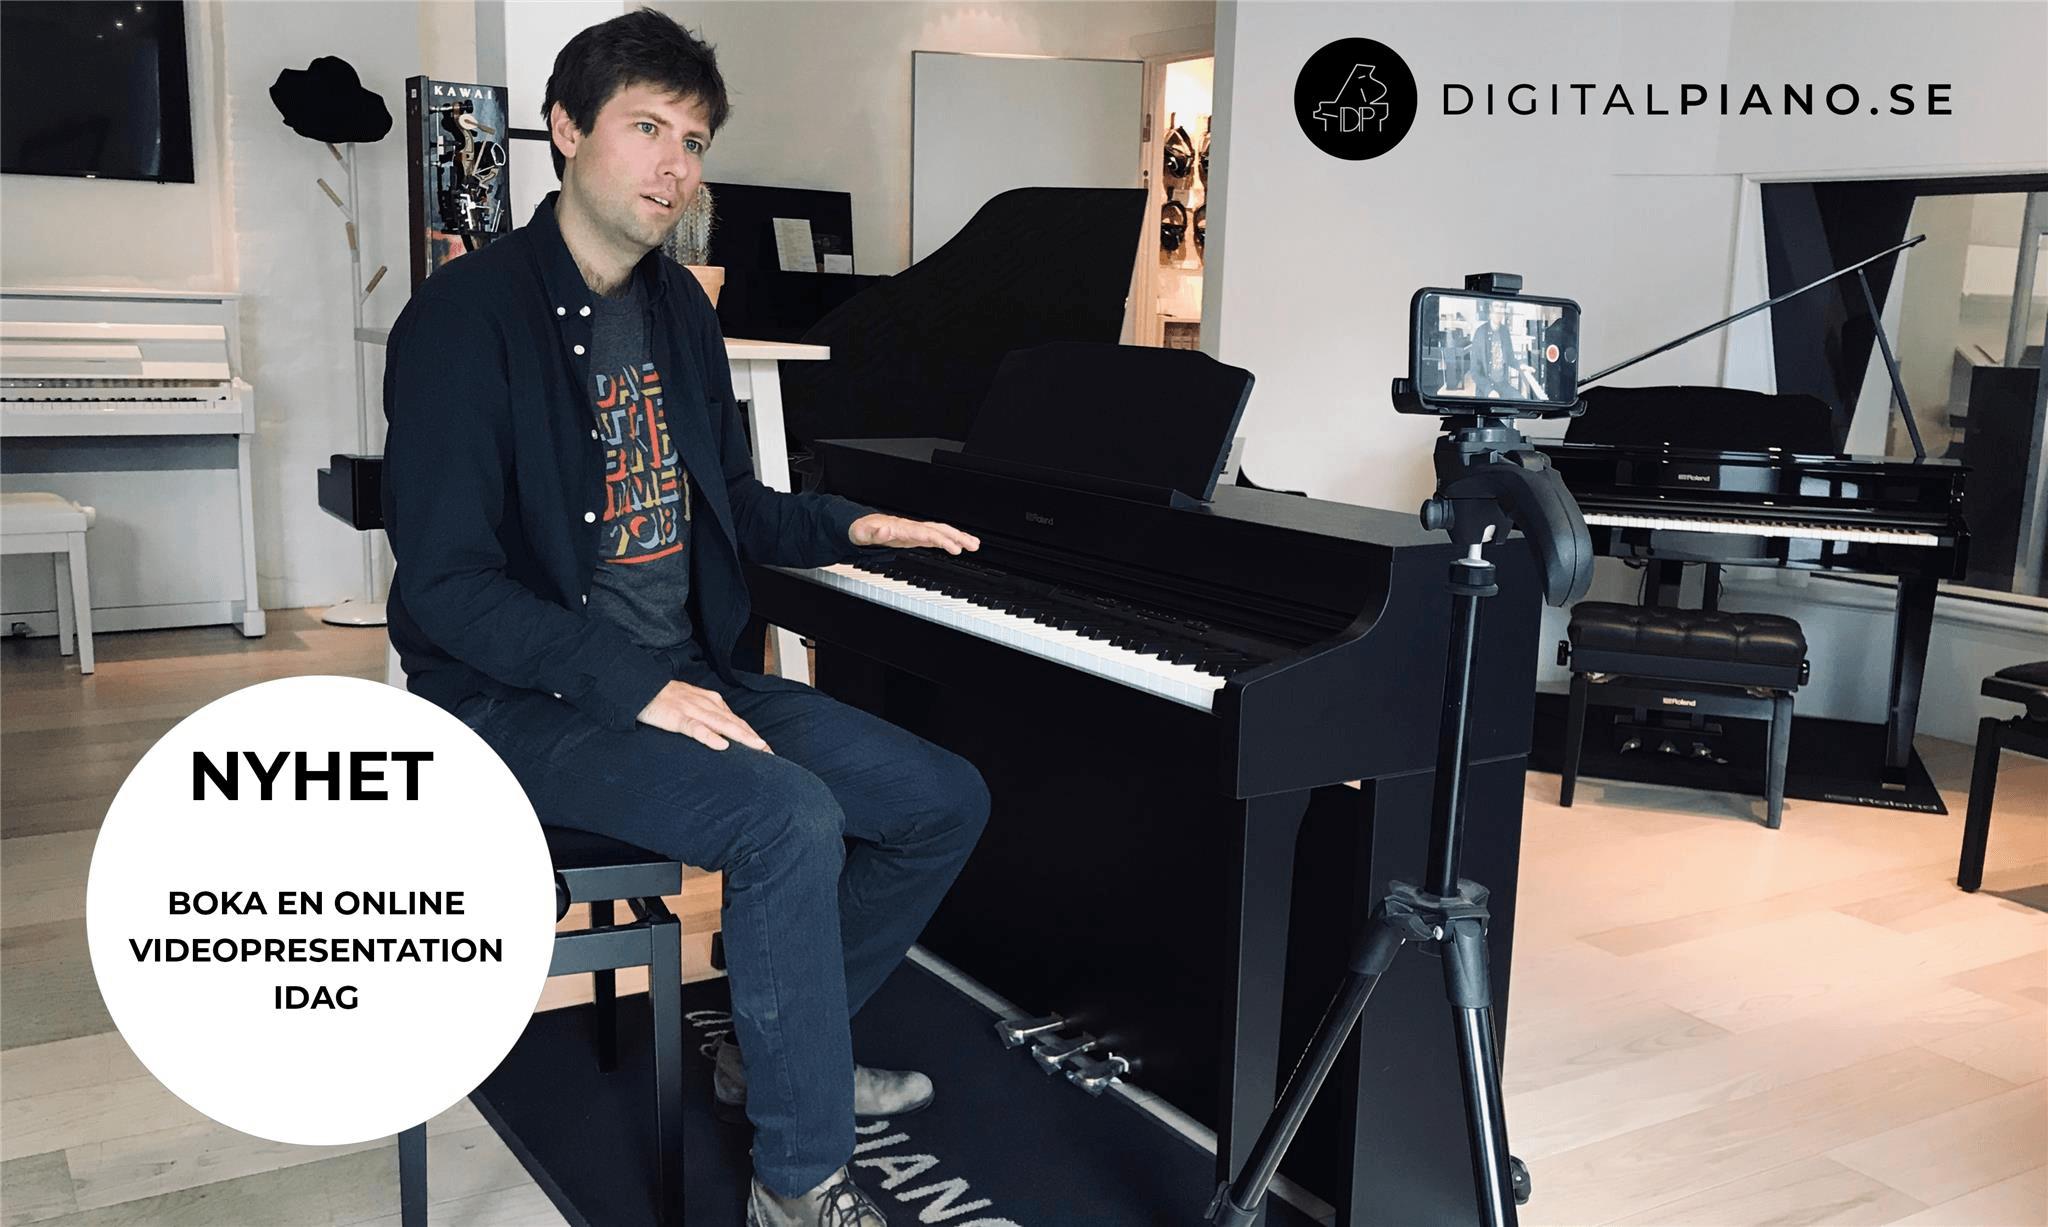 Boka en online videopresentation av digitalpianon